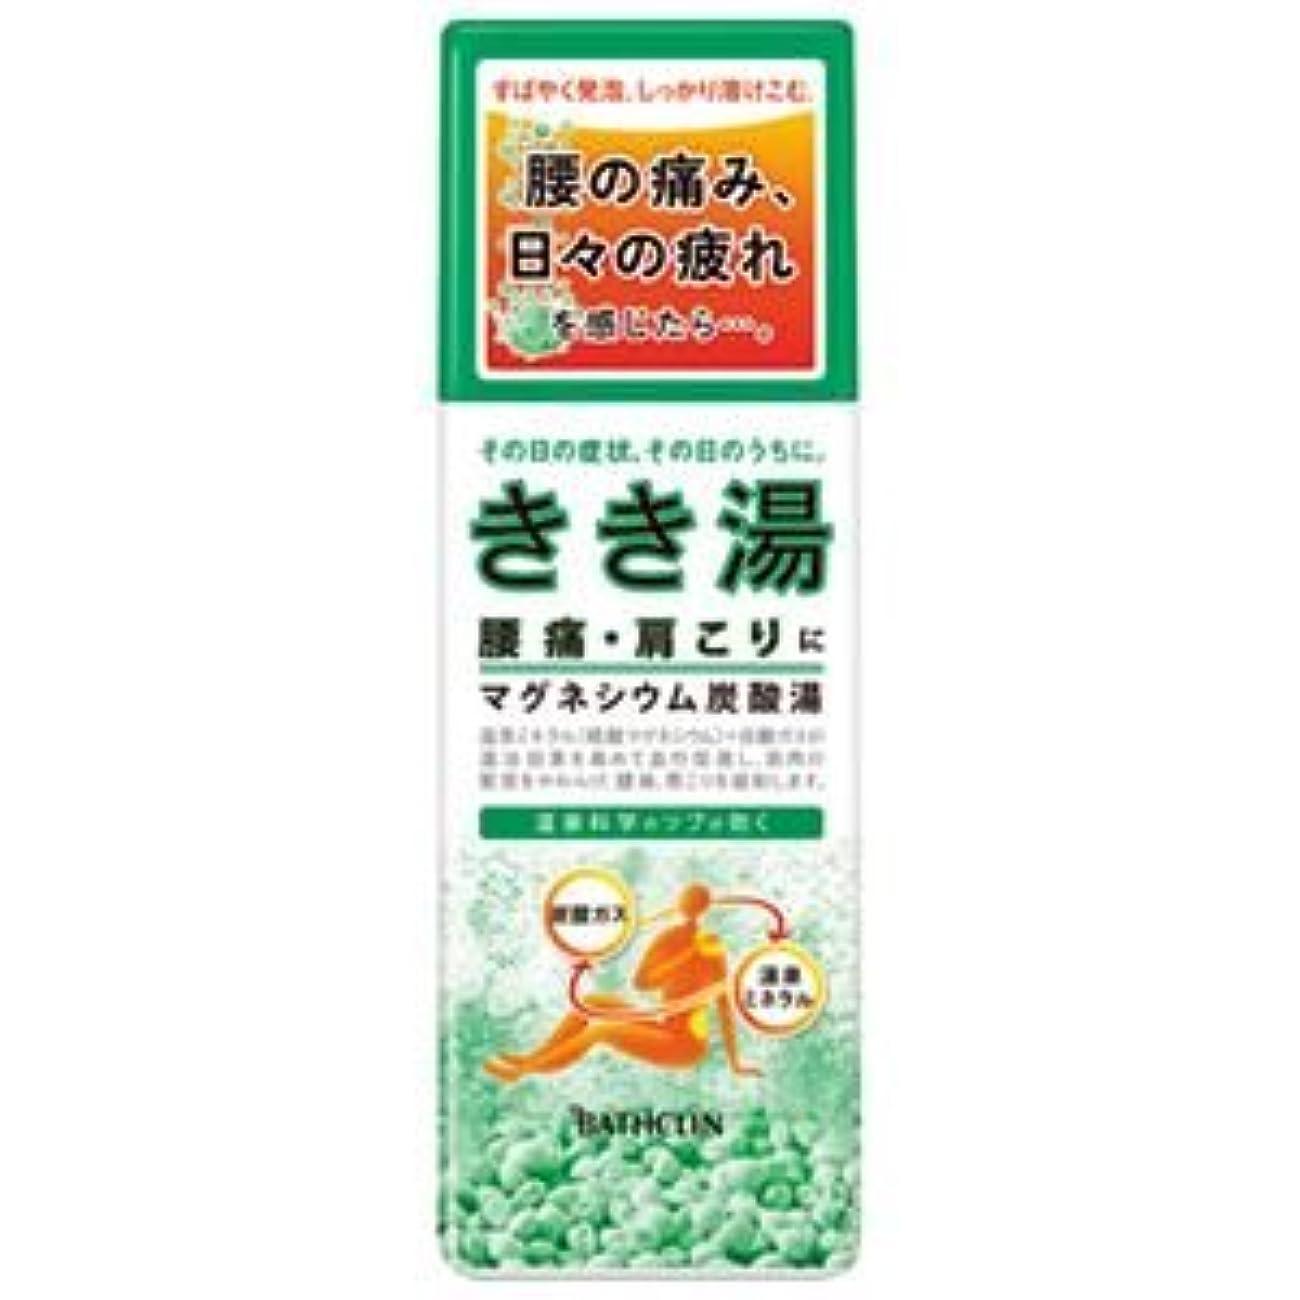 考え対称マニアック(業務用10セット) バスクリン きき湯 マグネシウム炭酸湯 360g